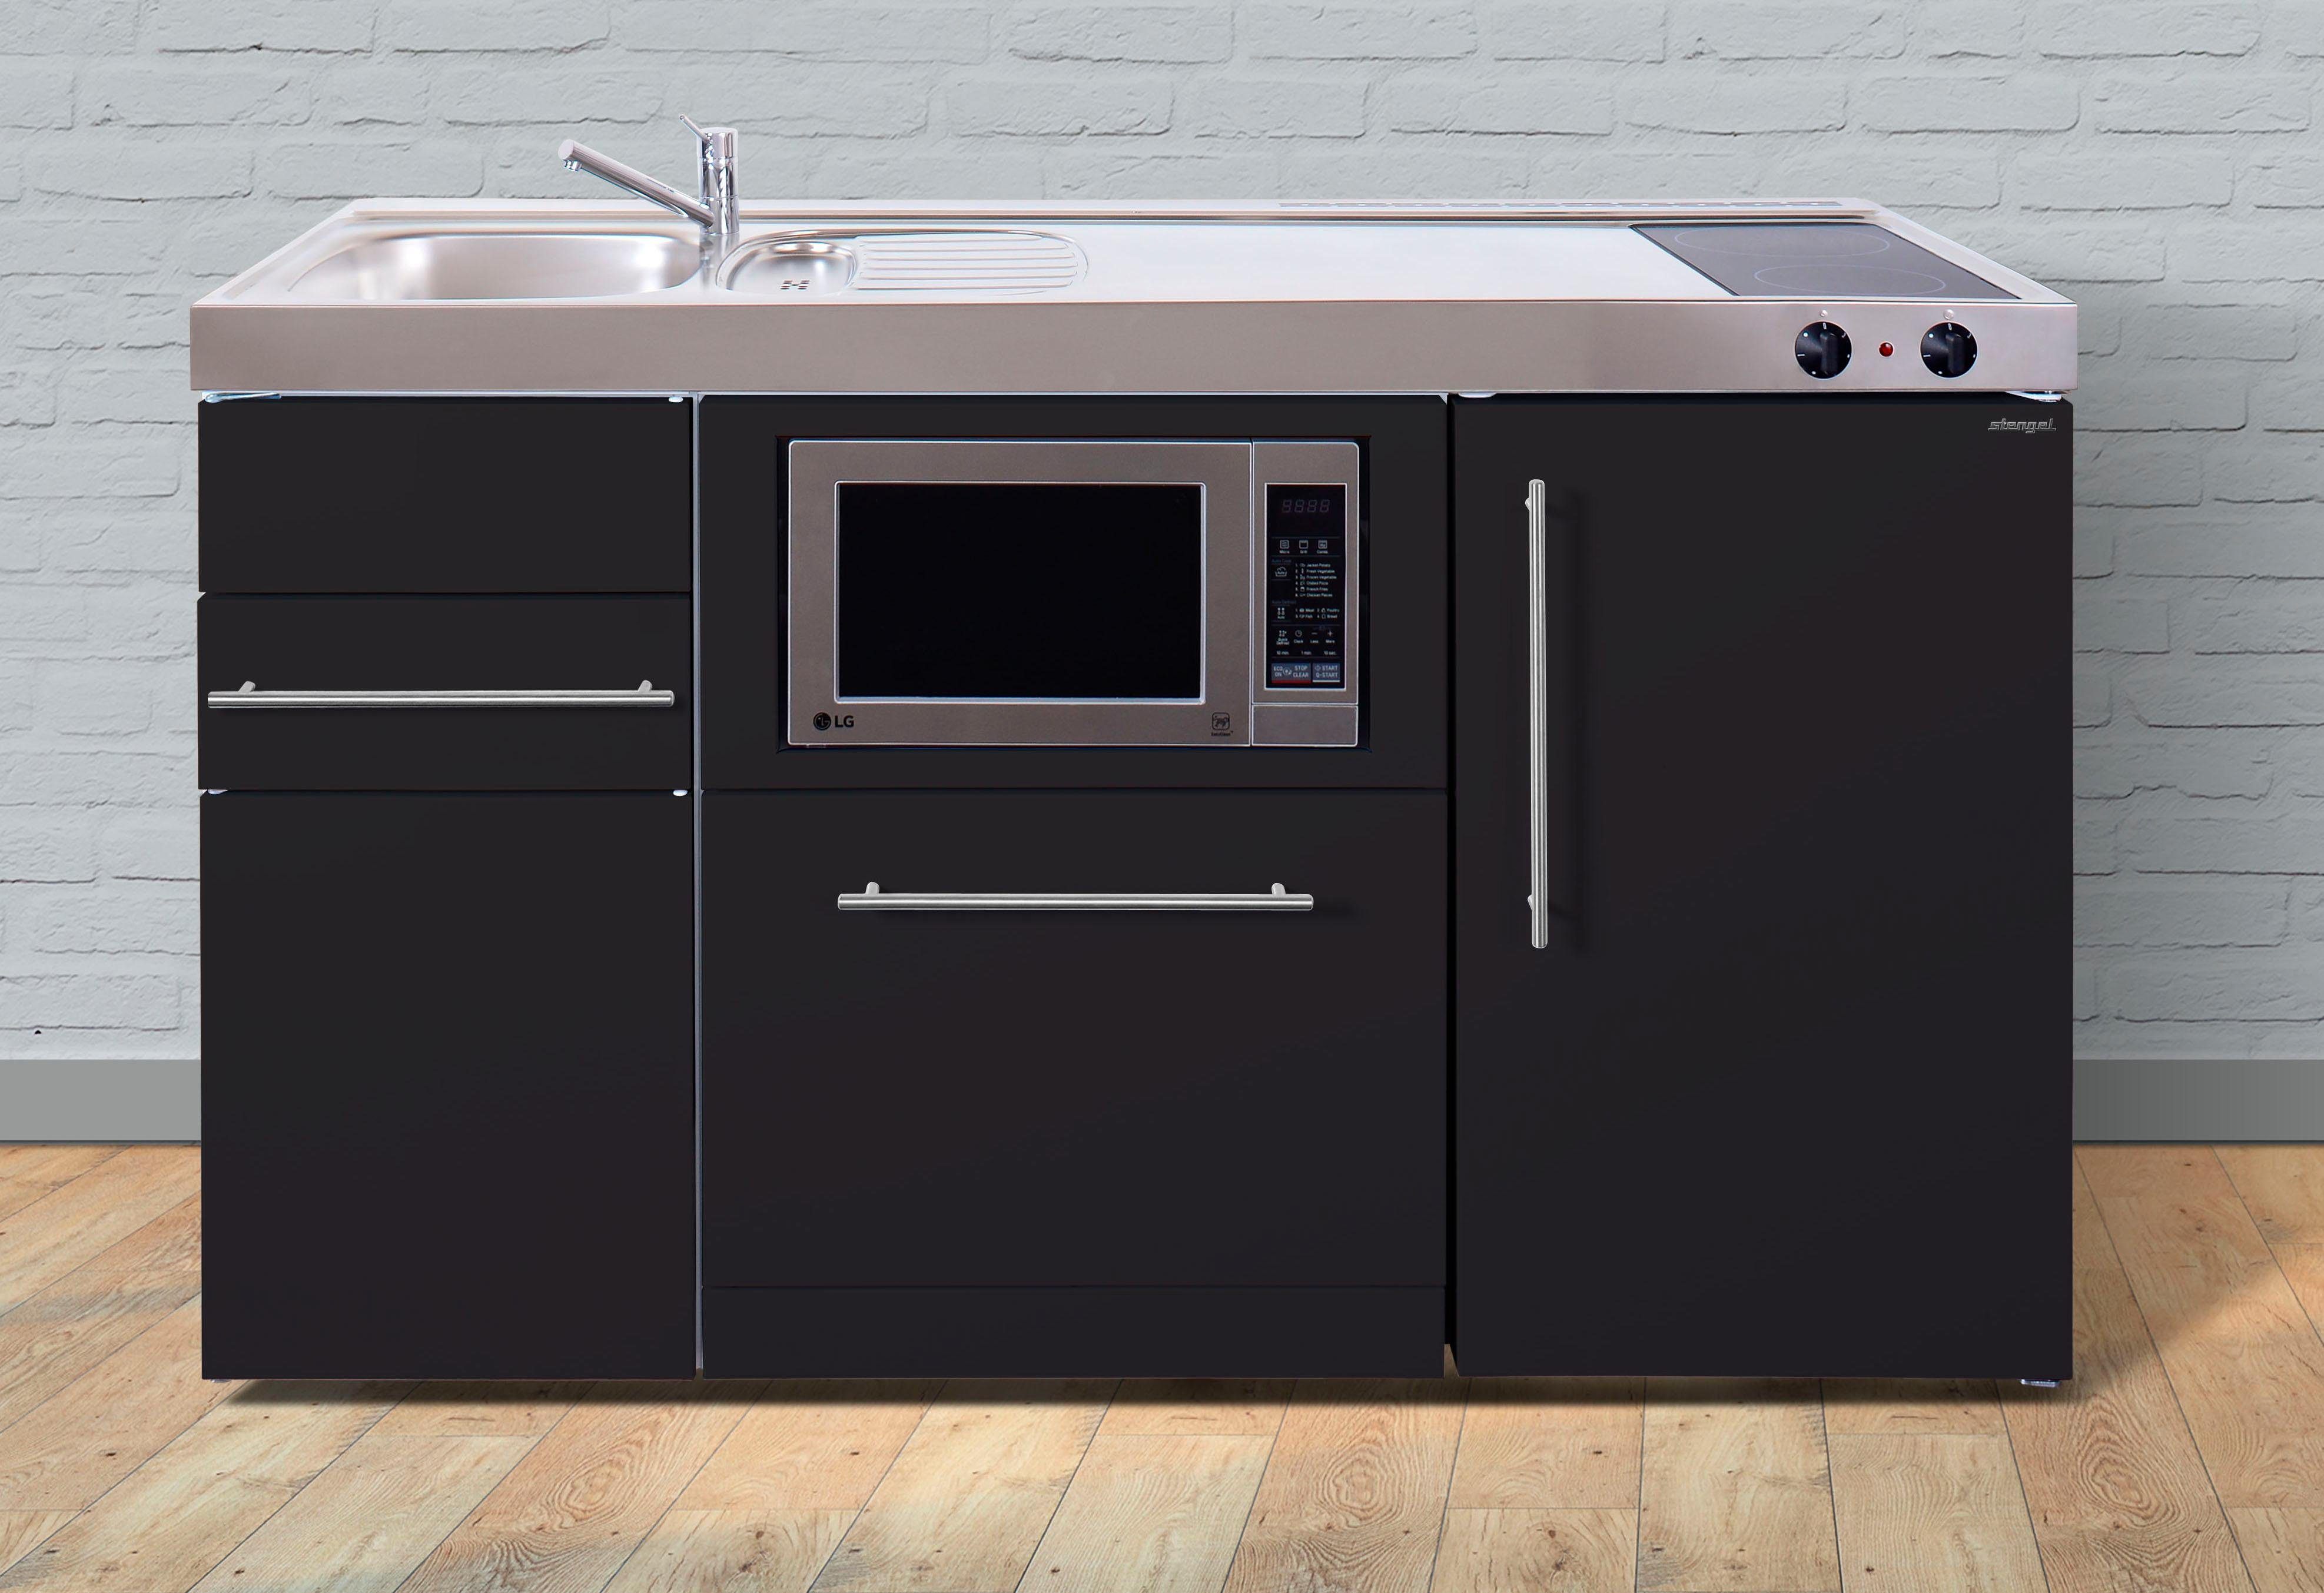 Miniküche Mit Kühlschrank Und Spülmaschine : Stengel miniküche mpgsm « aus metall in der farbe schwarz